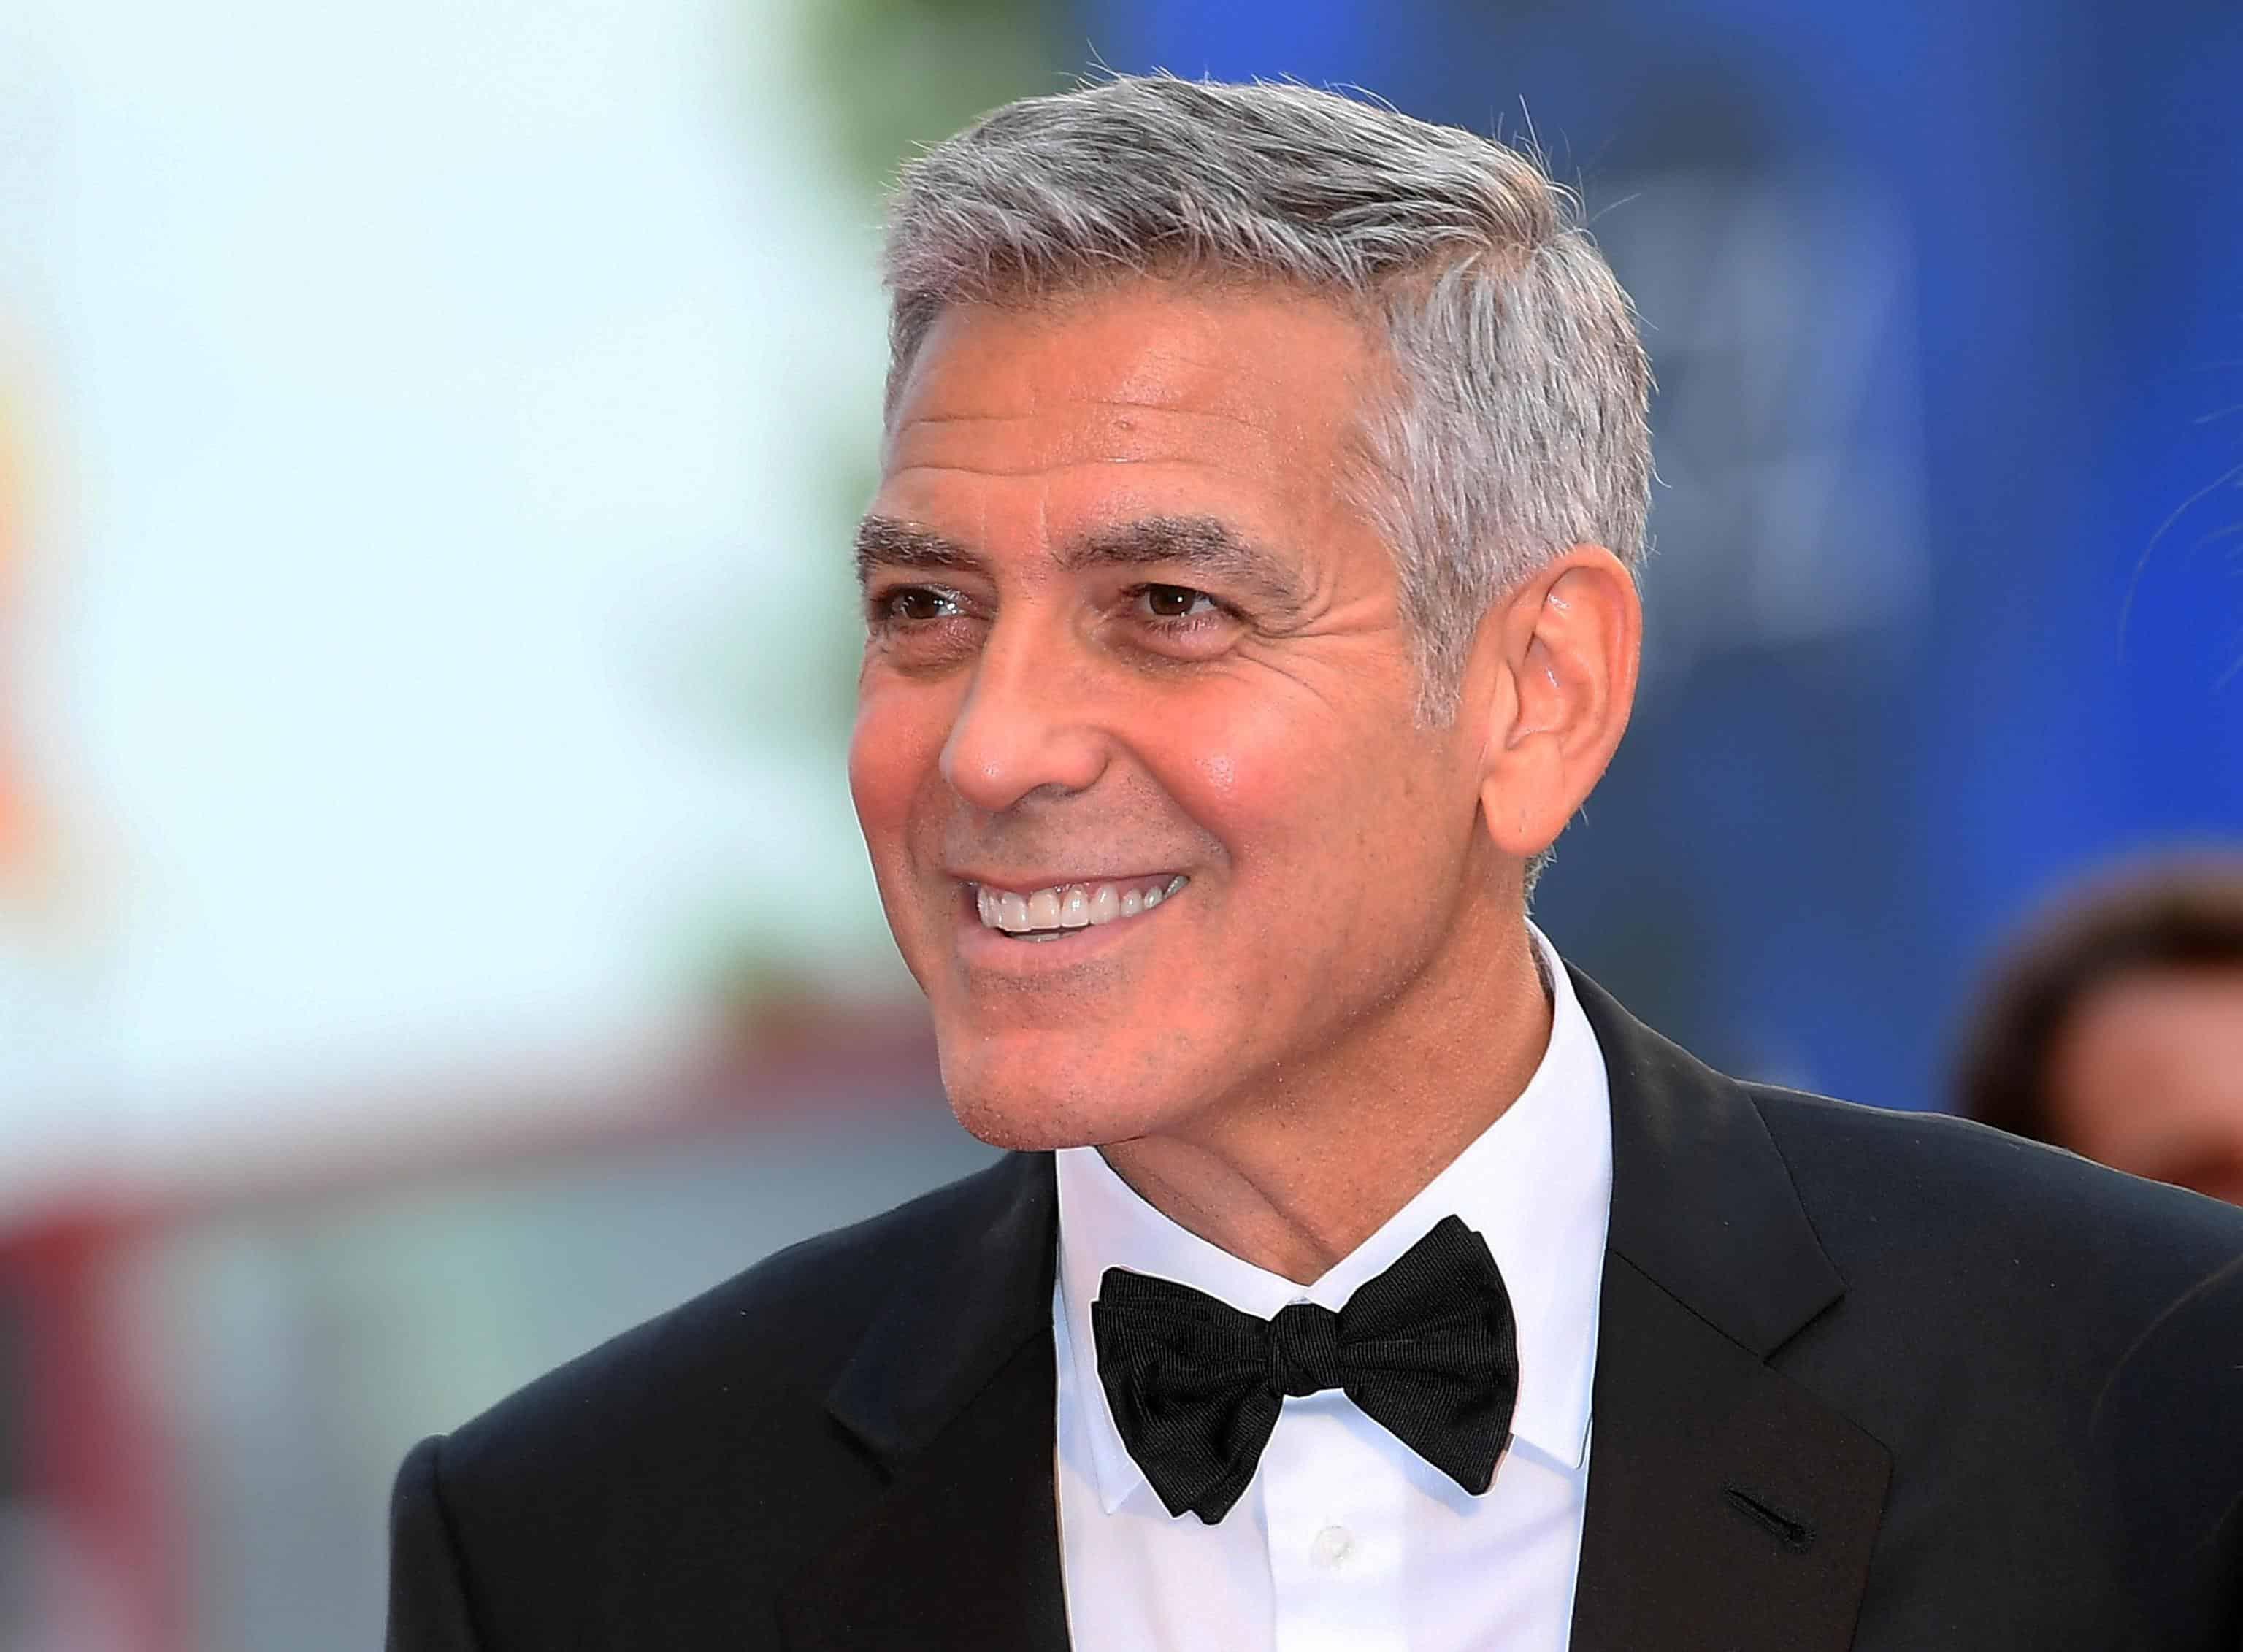 George Clooney in kostuum met strikje lacht.